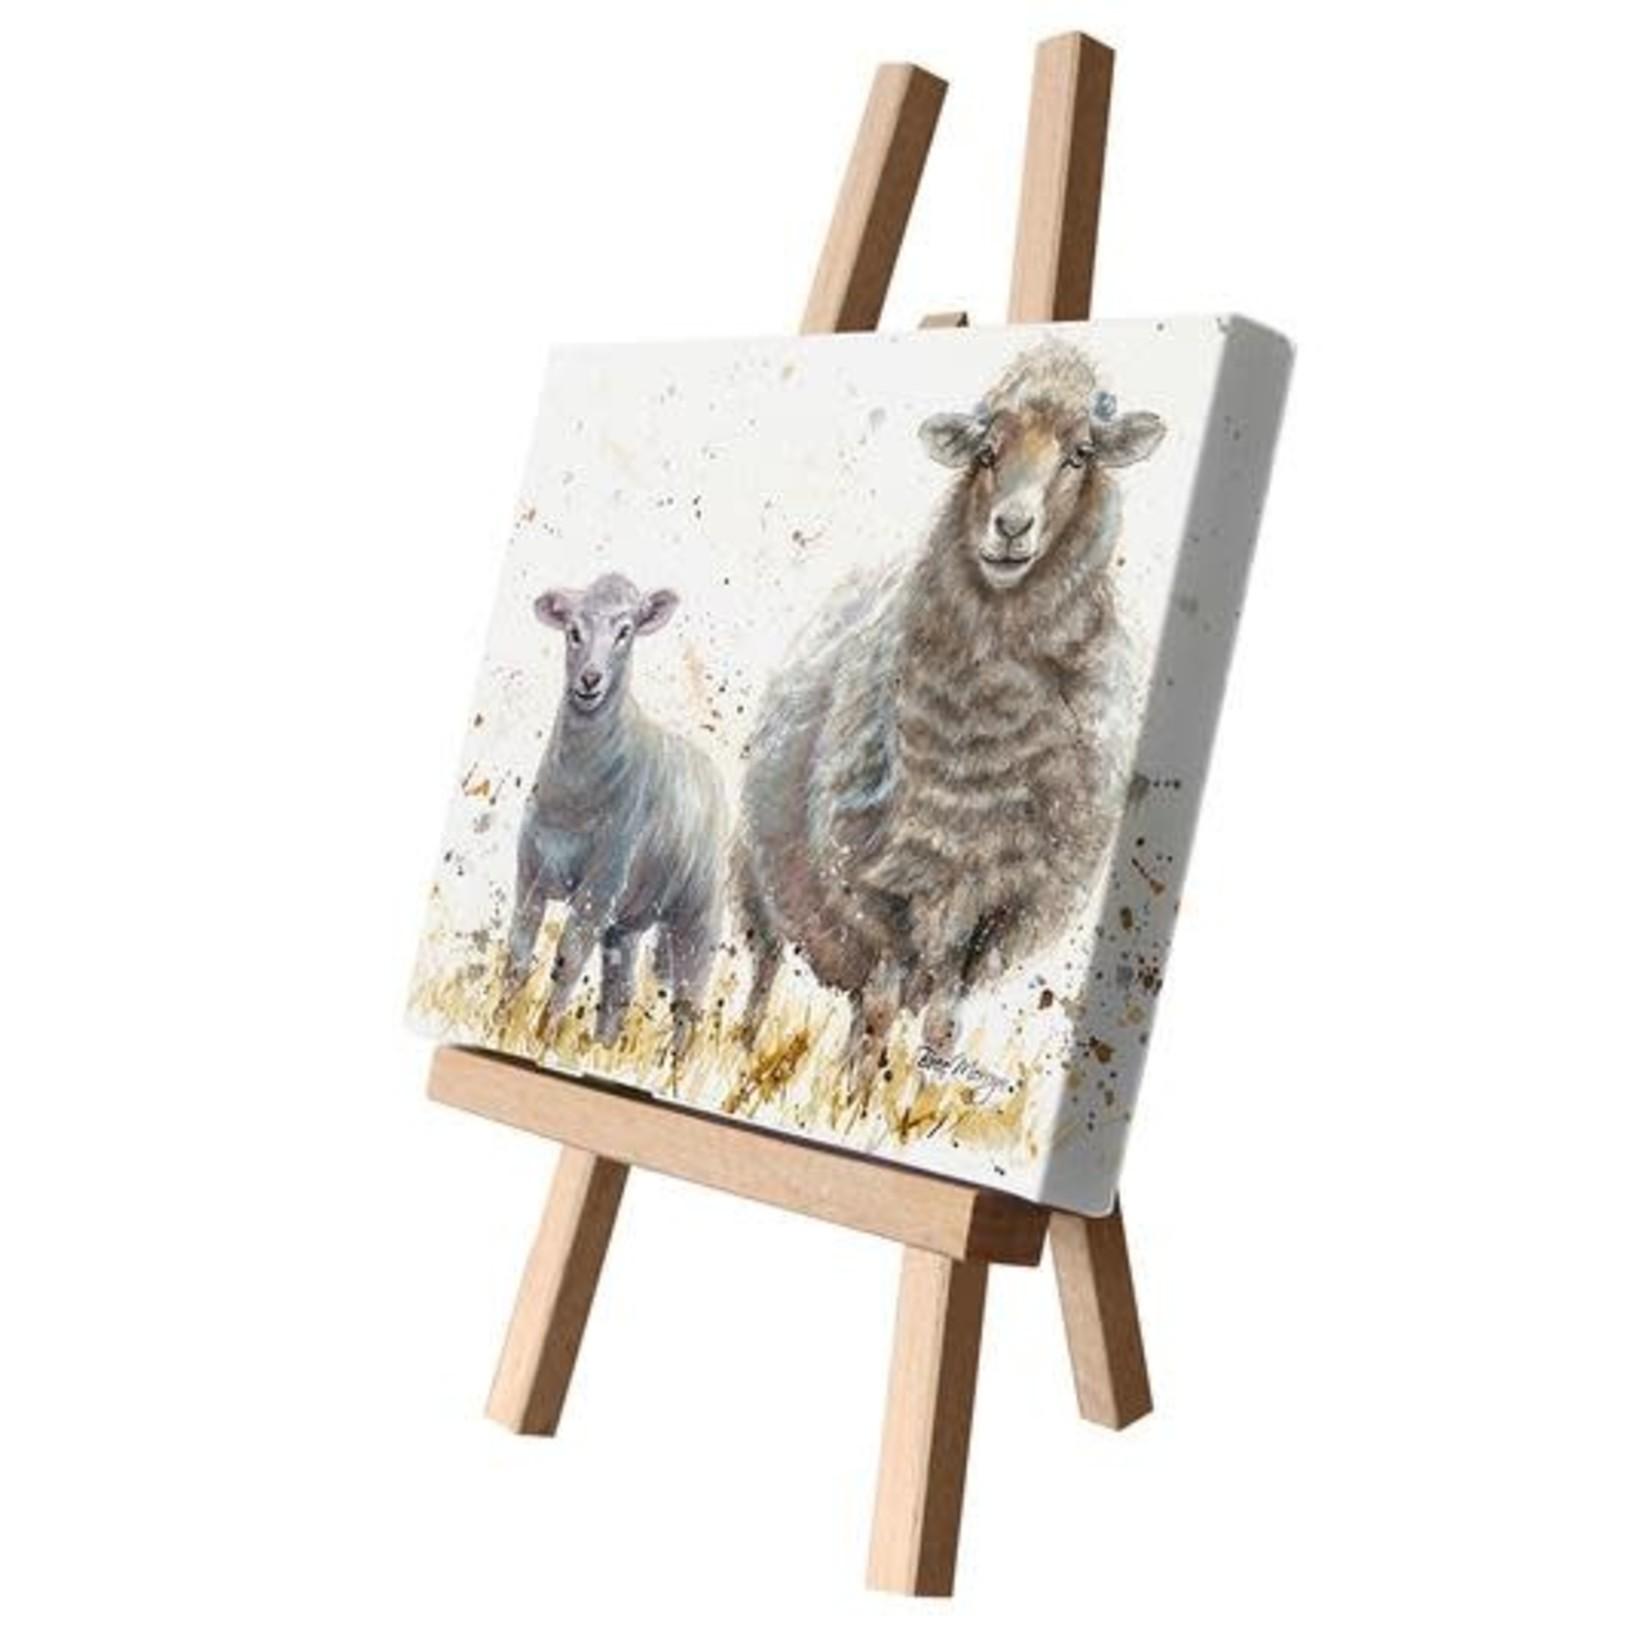 Bree Merryn Ewe Beauties Canvas Cutie 15 x 20 - Sheep